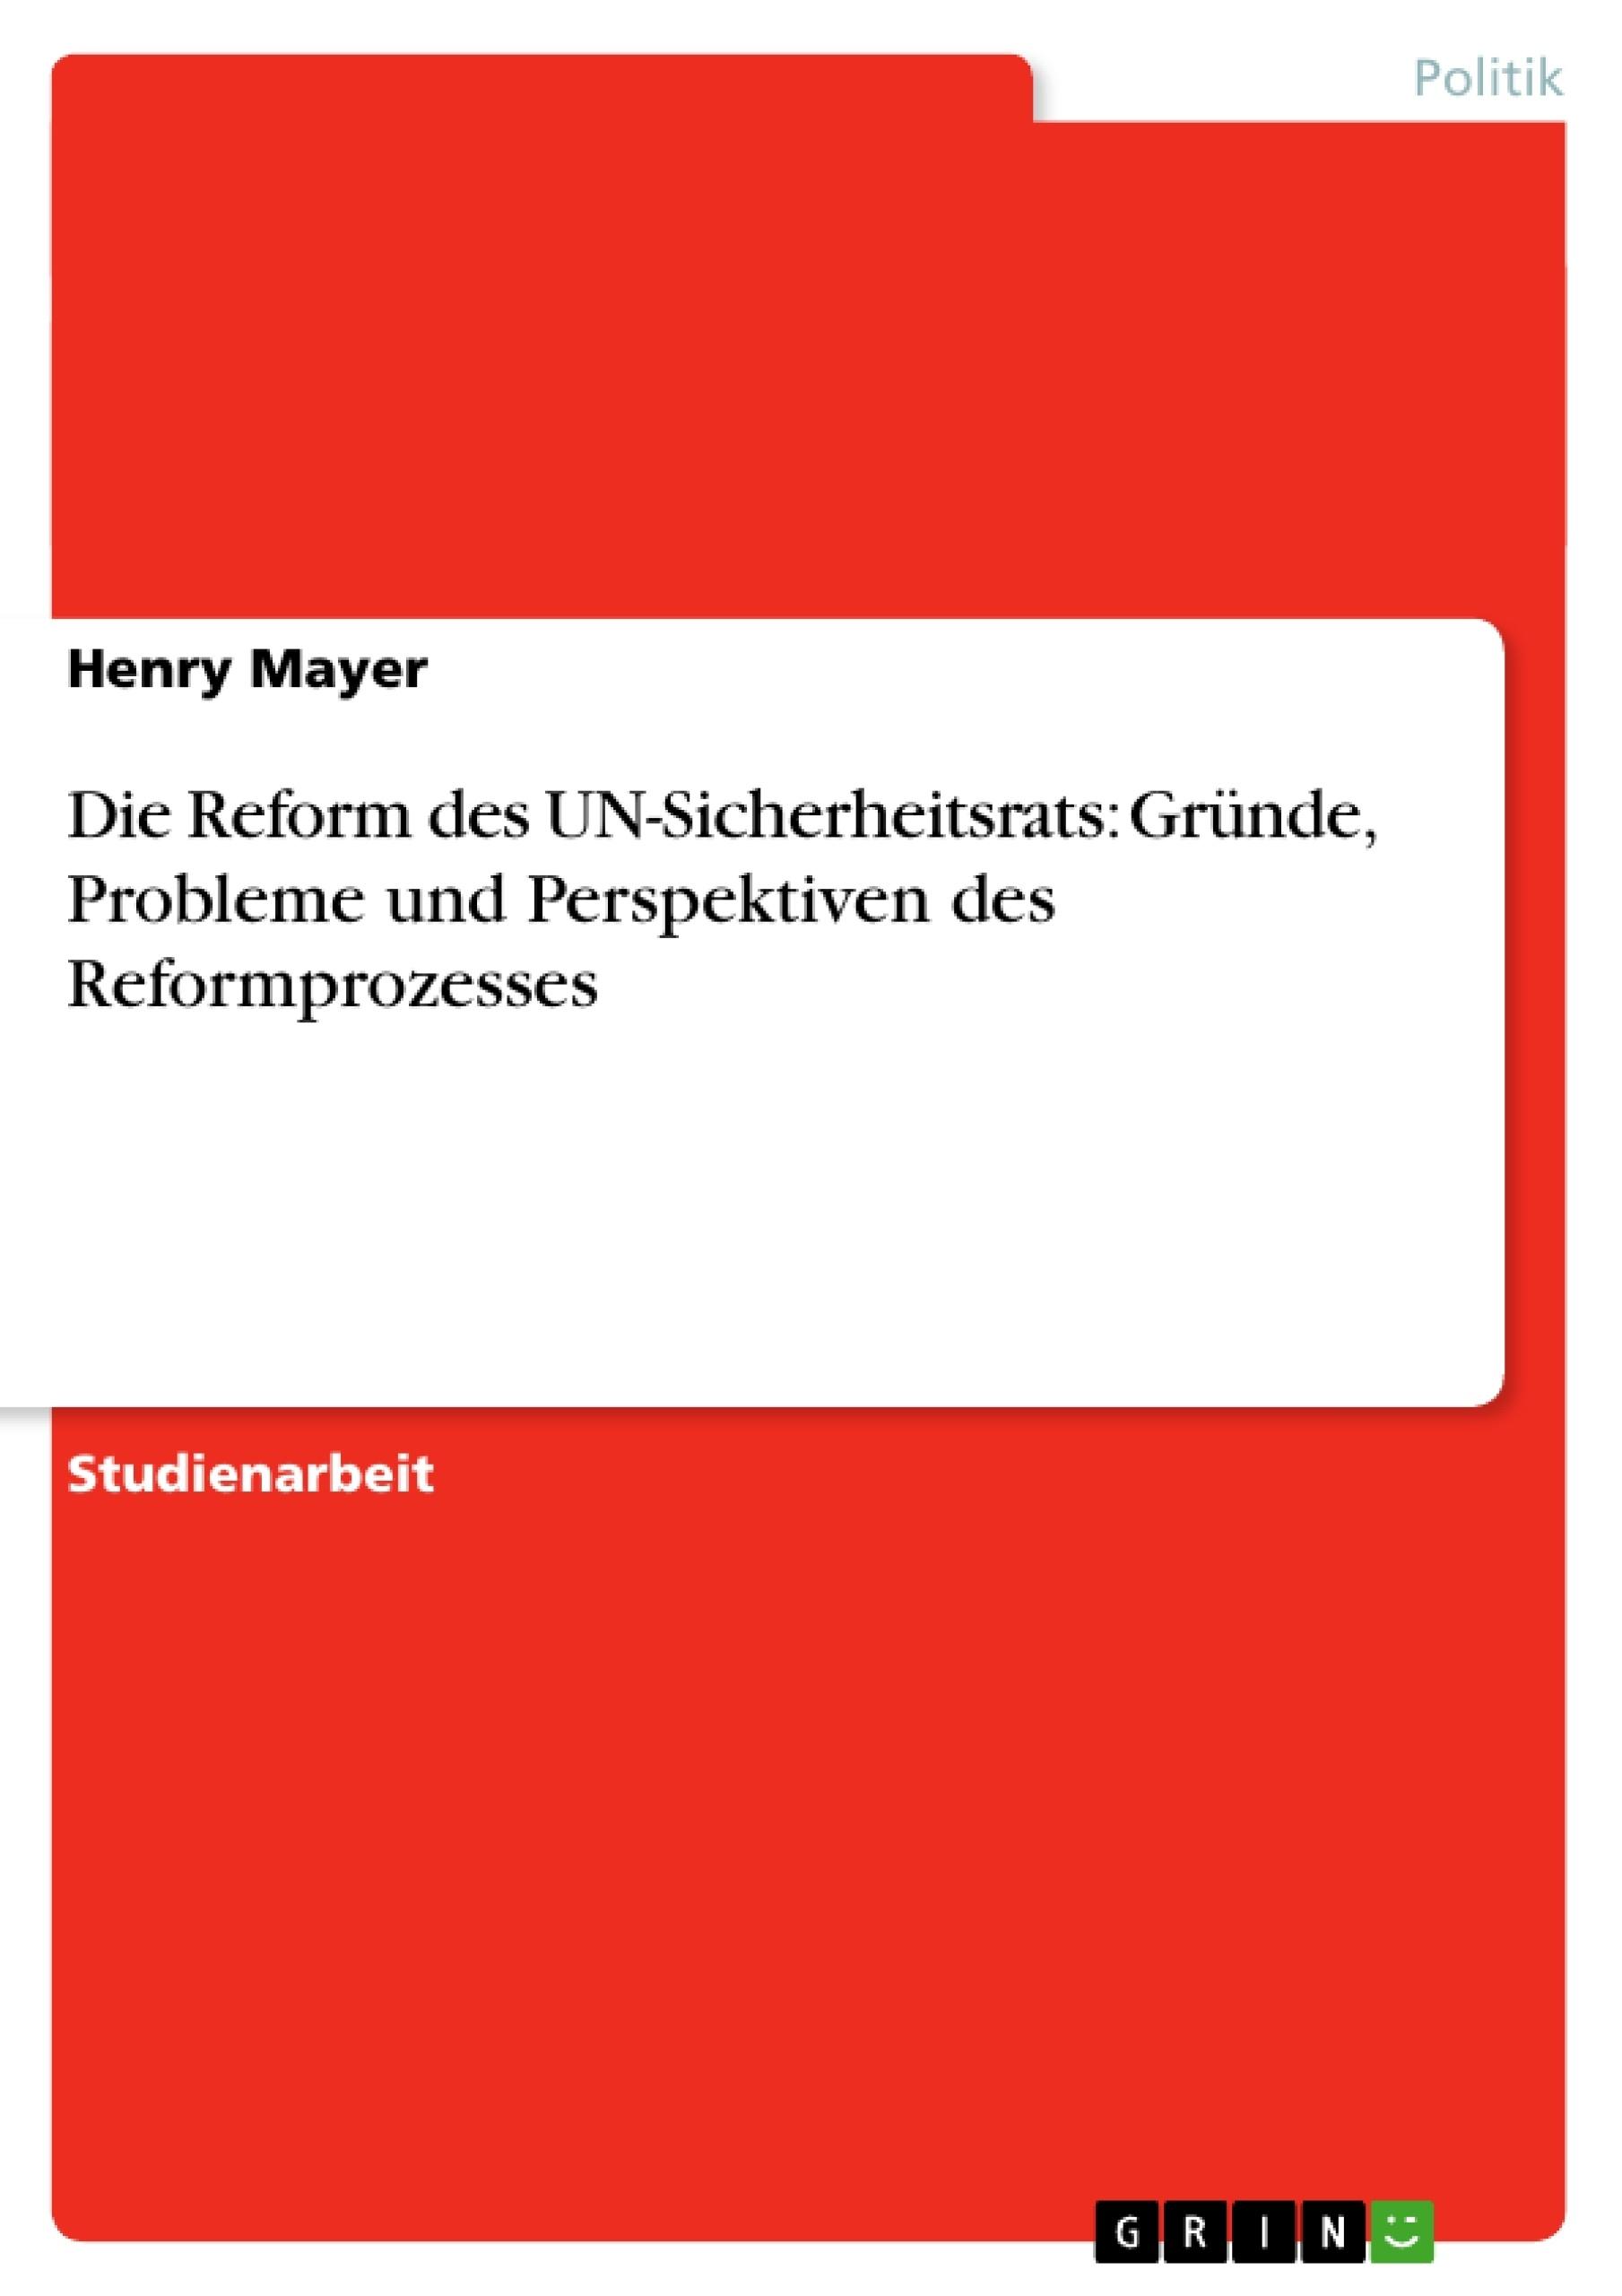 Titel: Die Reform des UN-Sicherheitsrats: Gründe, Probleme und Perspektiven des Reformprozesses